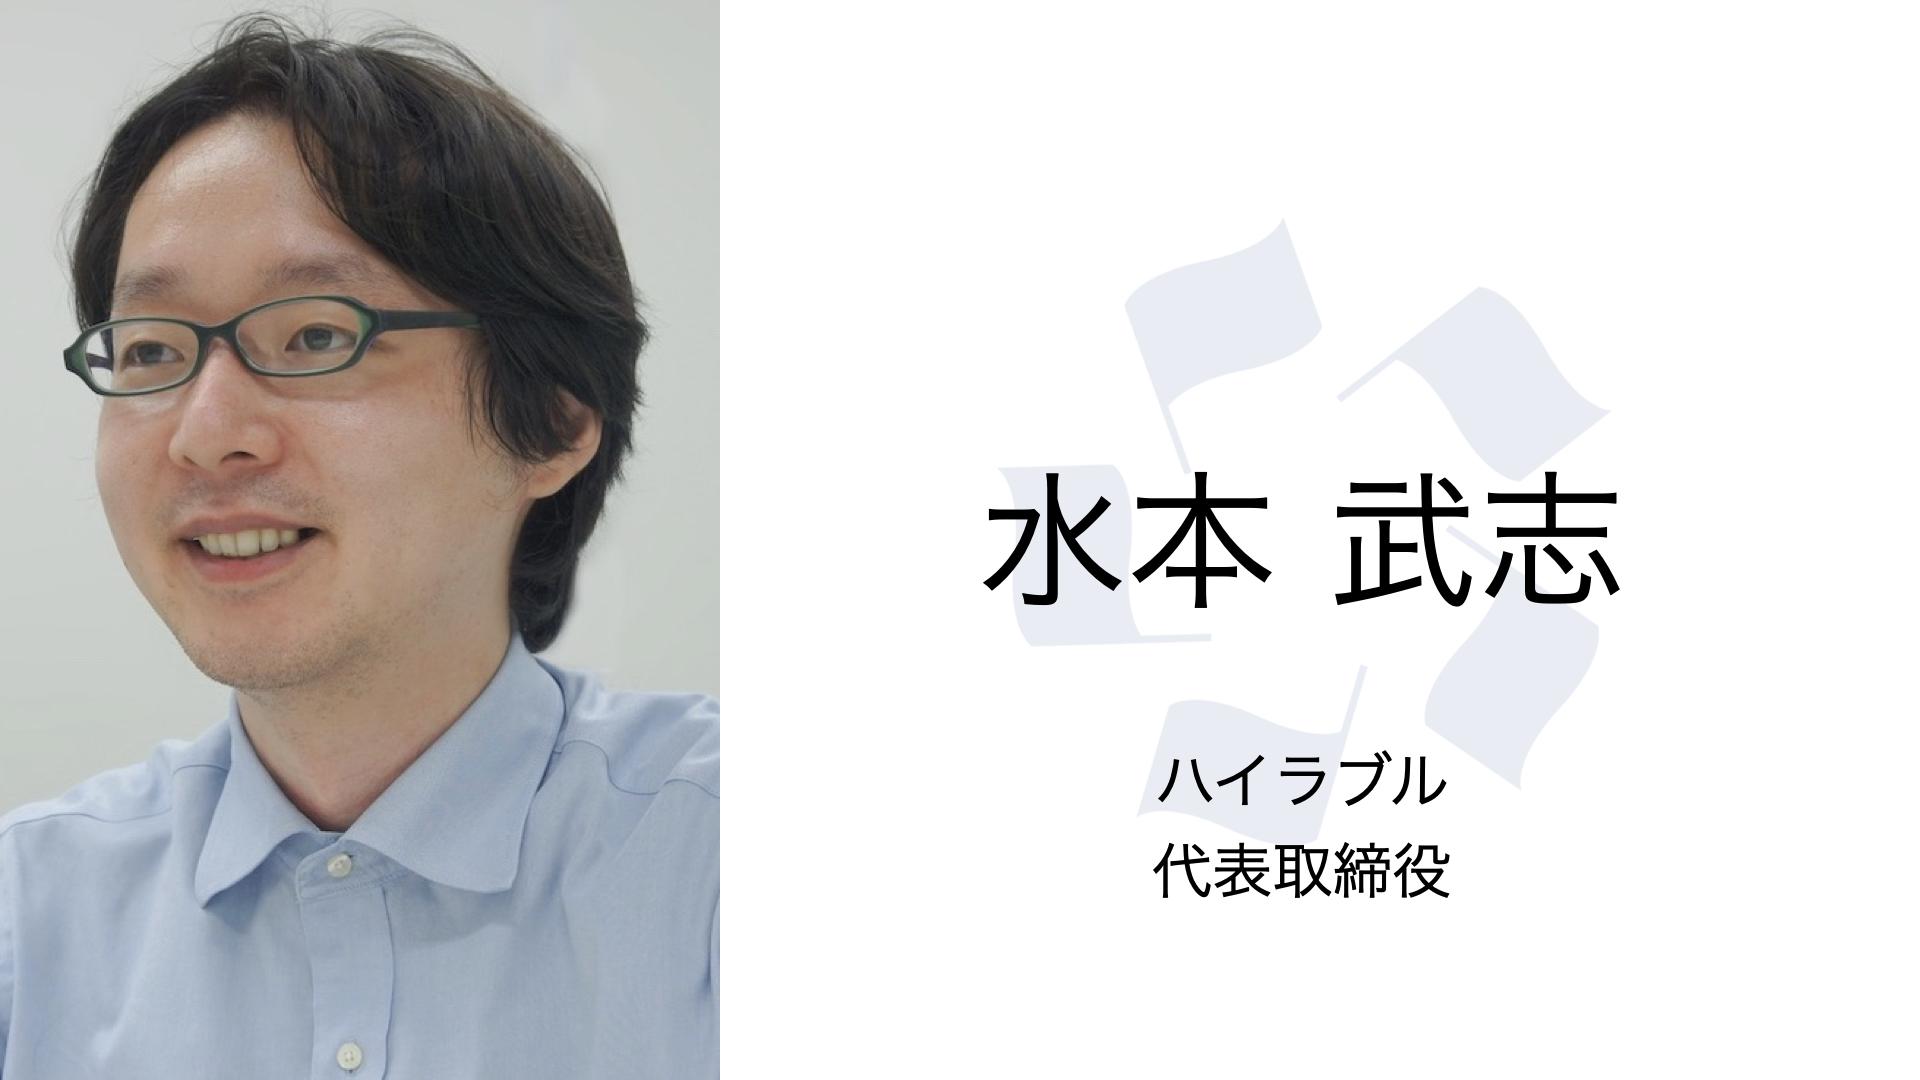 中島謙一郎 ベクトル